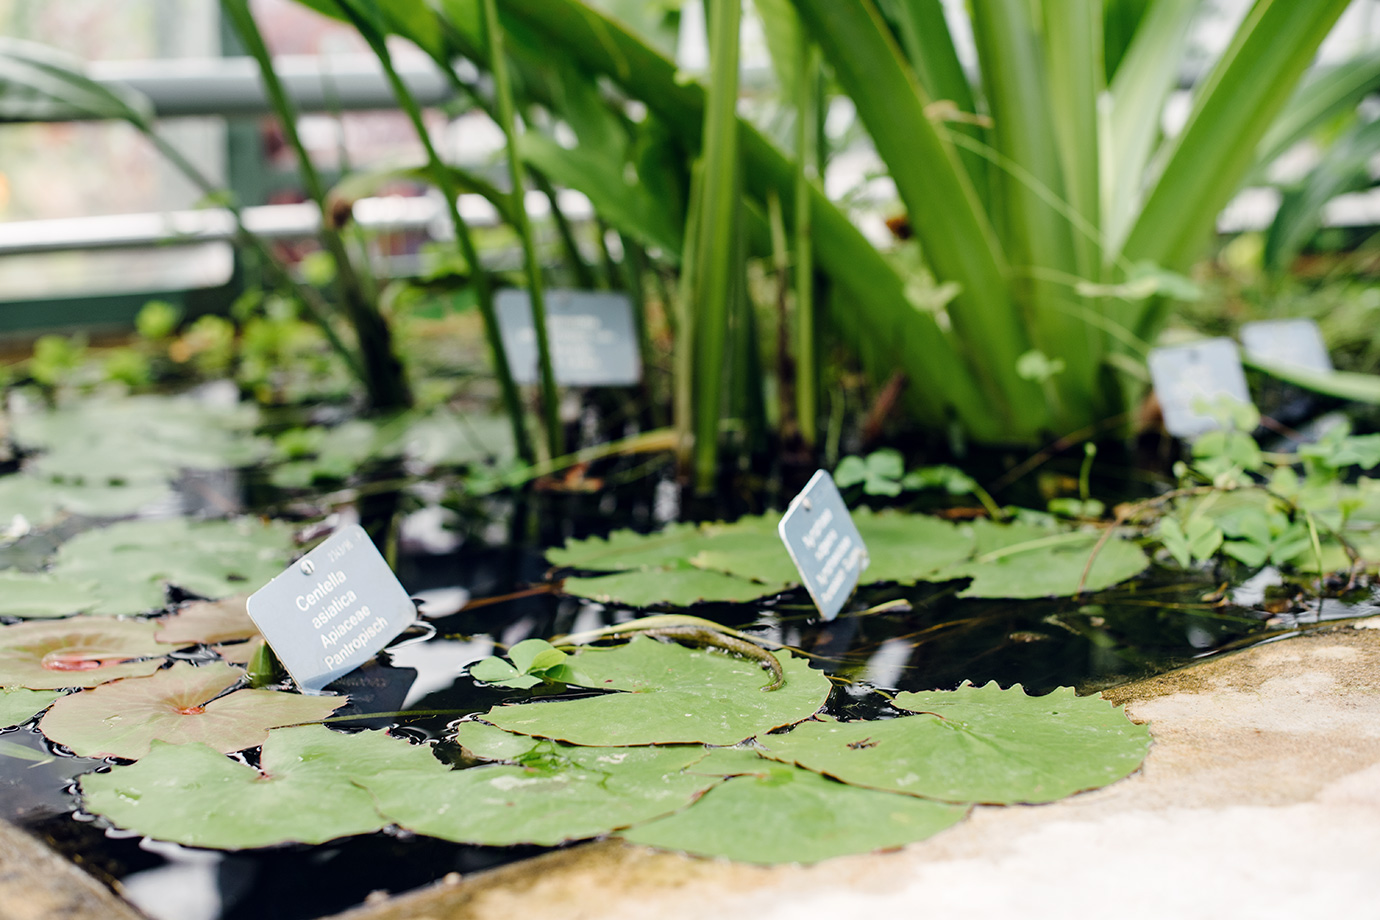 Bassin de nénuphars dans la serre Victoria du jardin botanique de Bâle